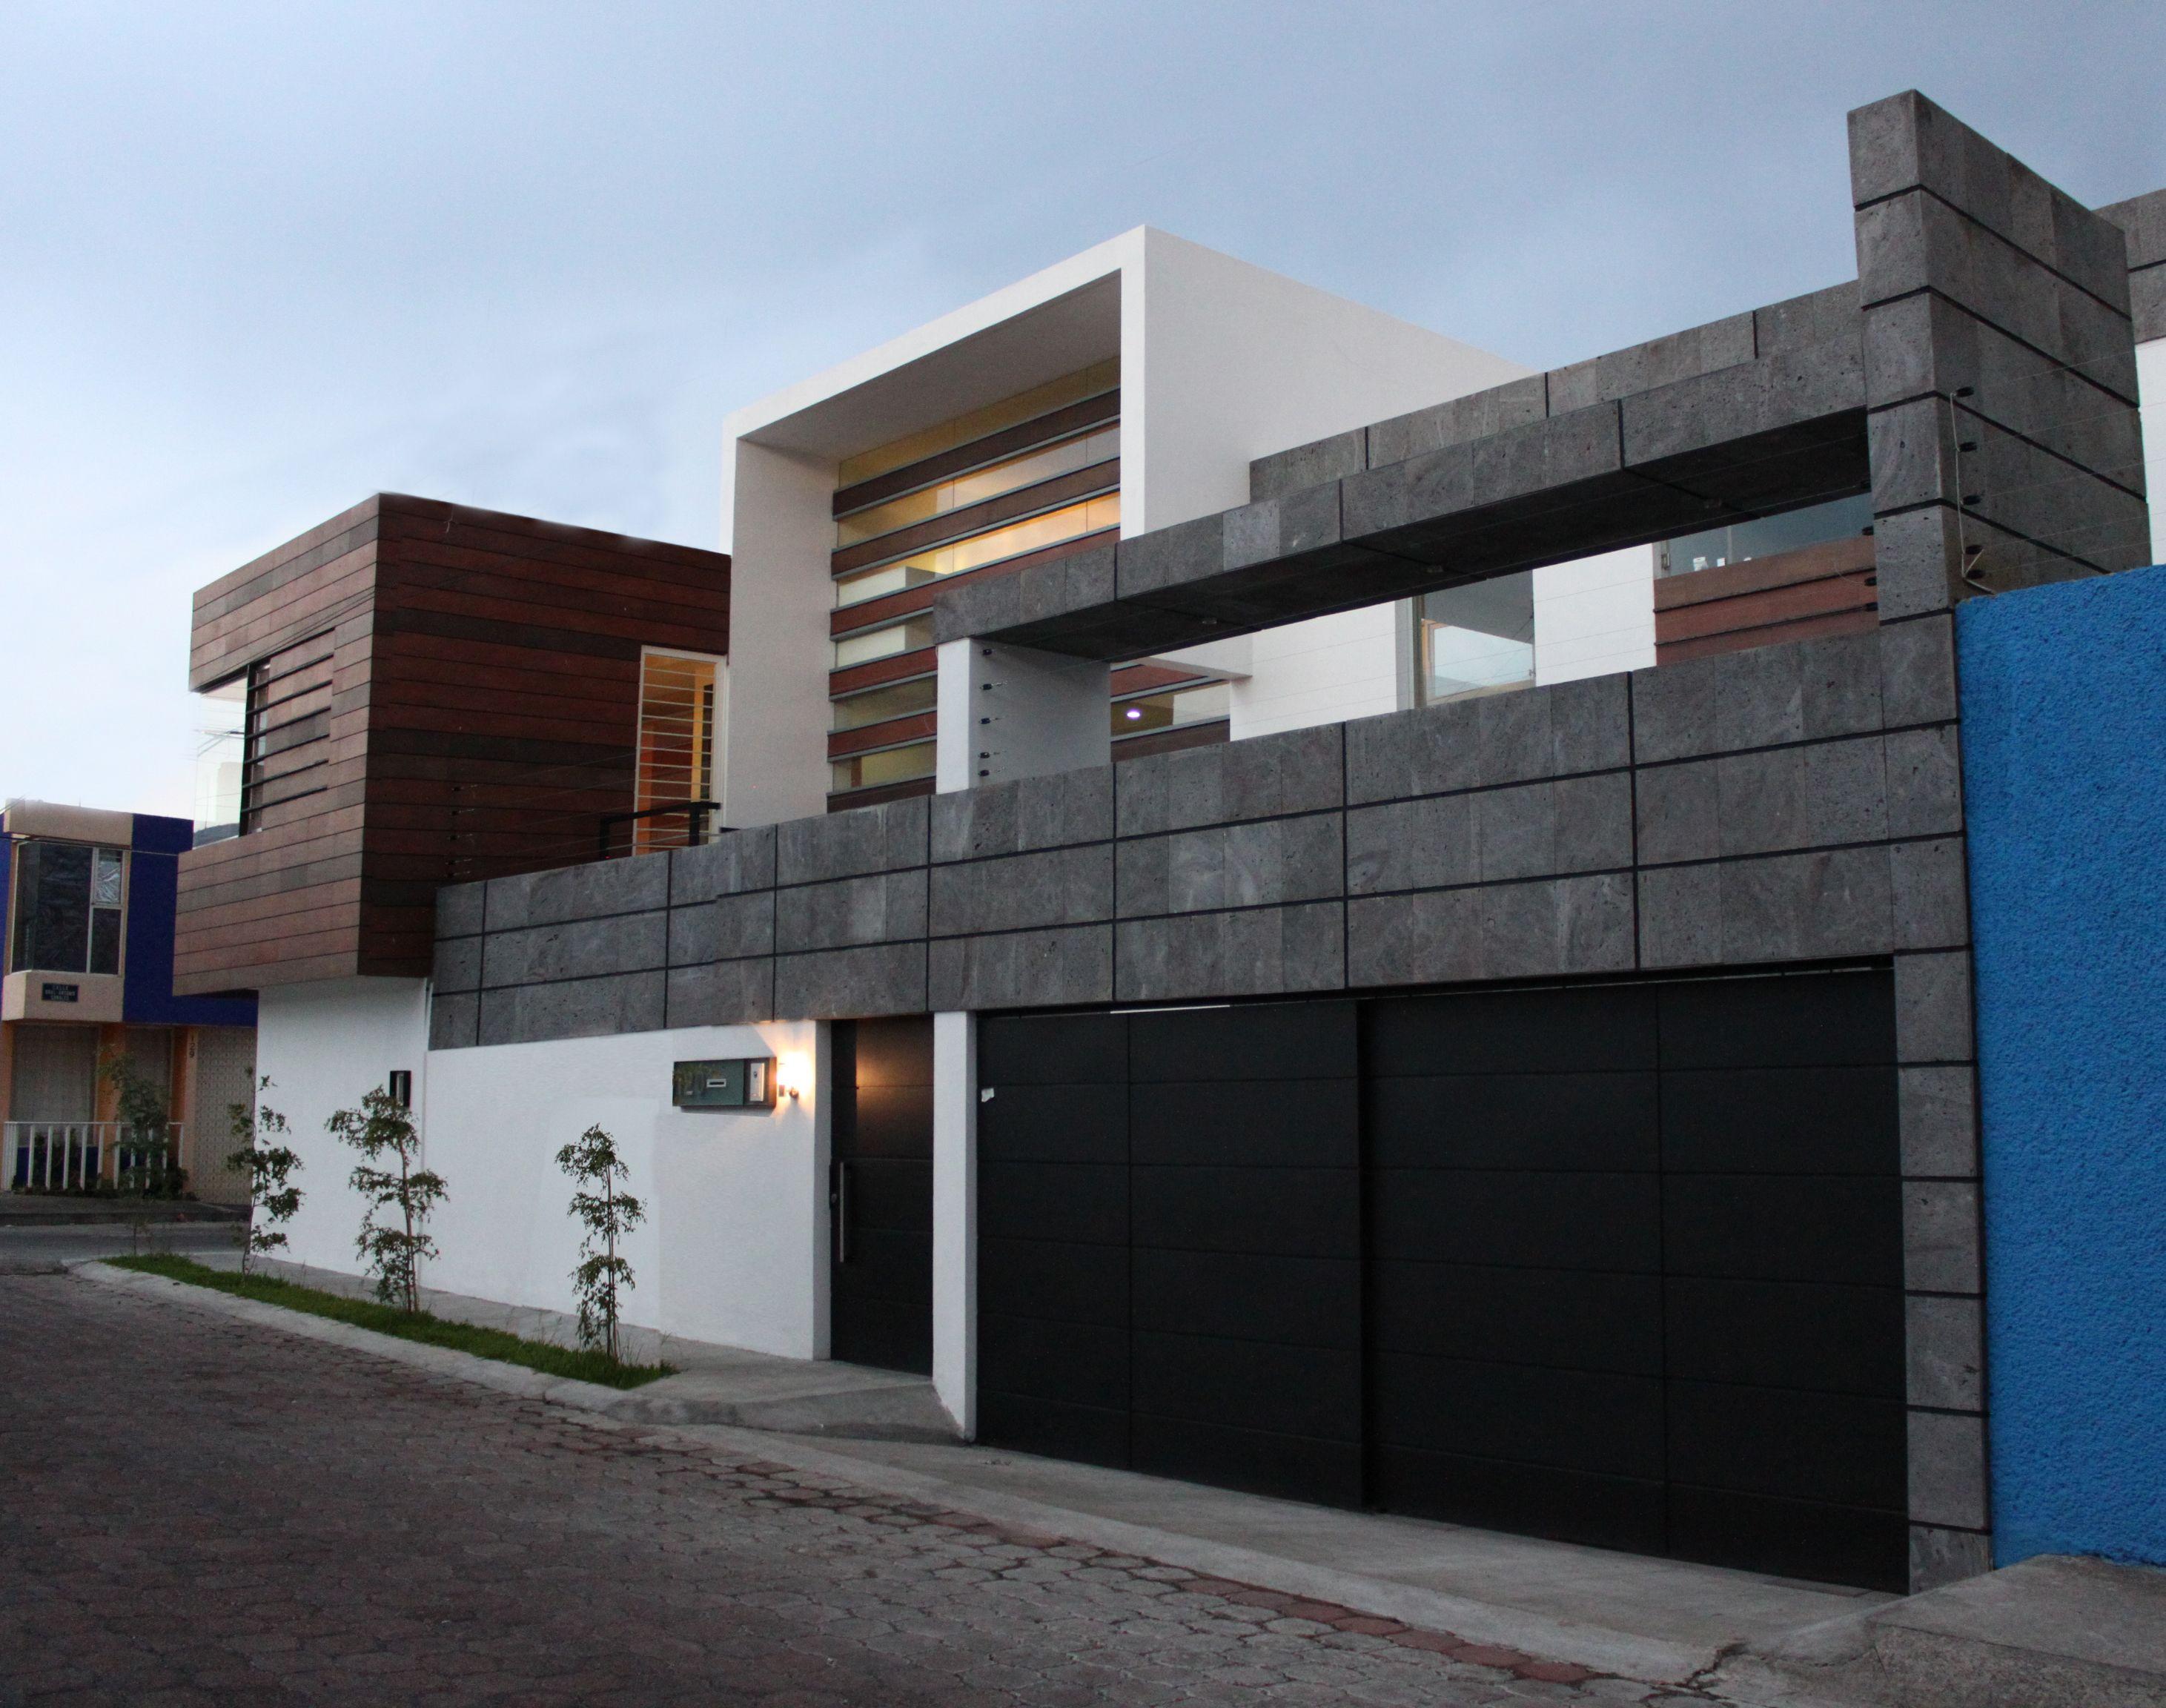 Fachada madera piedra recinto arquimia arquitecto en guadalajara casa s j - Materiales para fachadas de casas ...